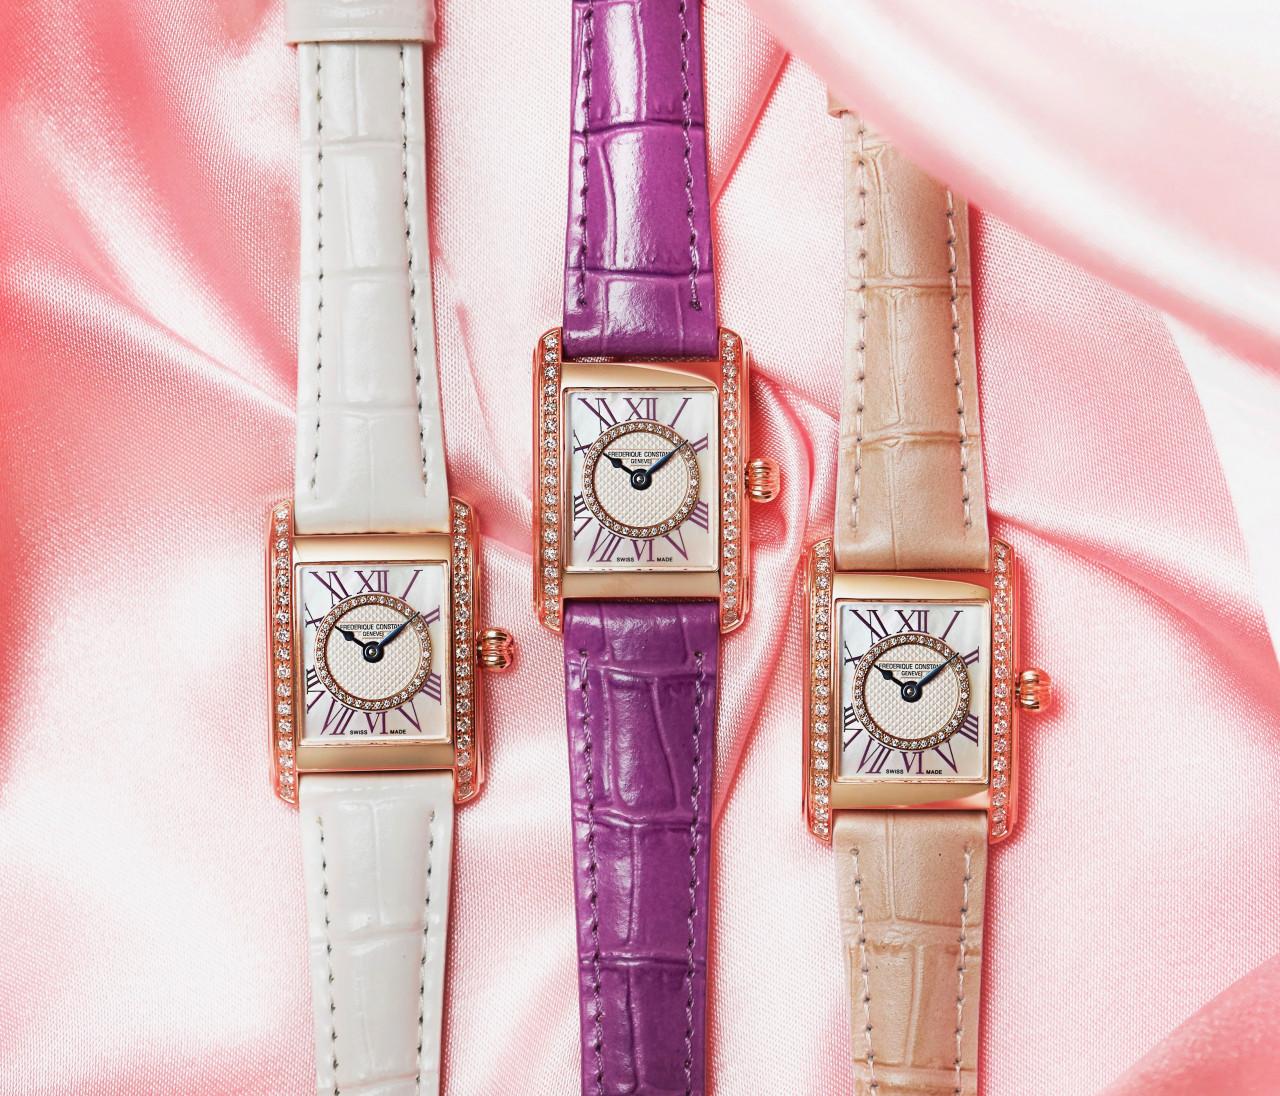 【フレデリック・コンスタント】人気時計のレザーストラッププレゼントも!レディース フェスタを開催♡